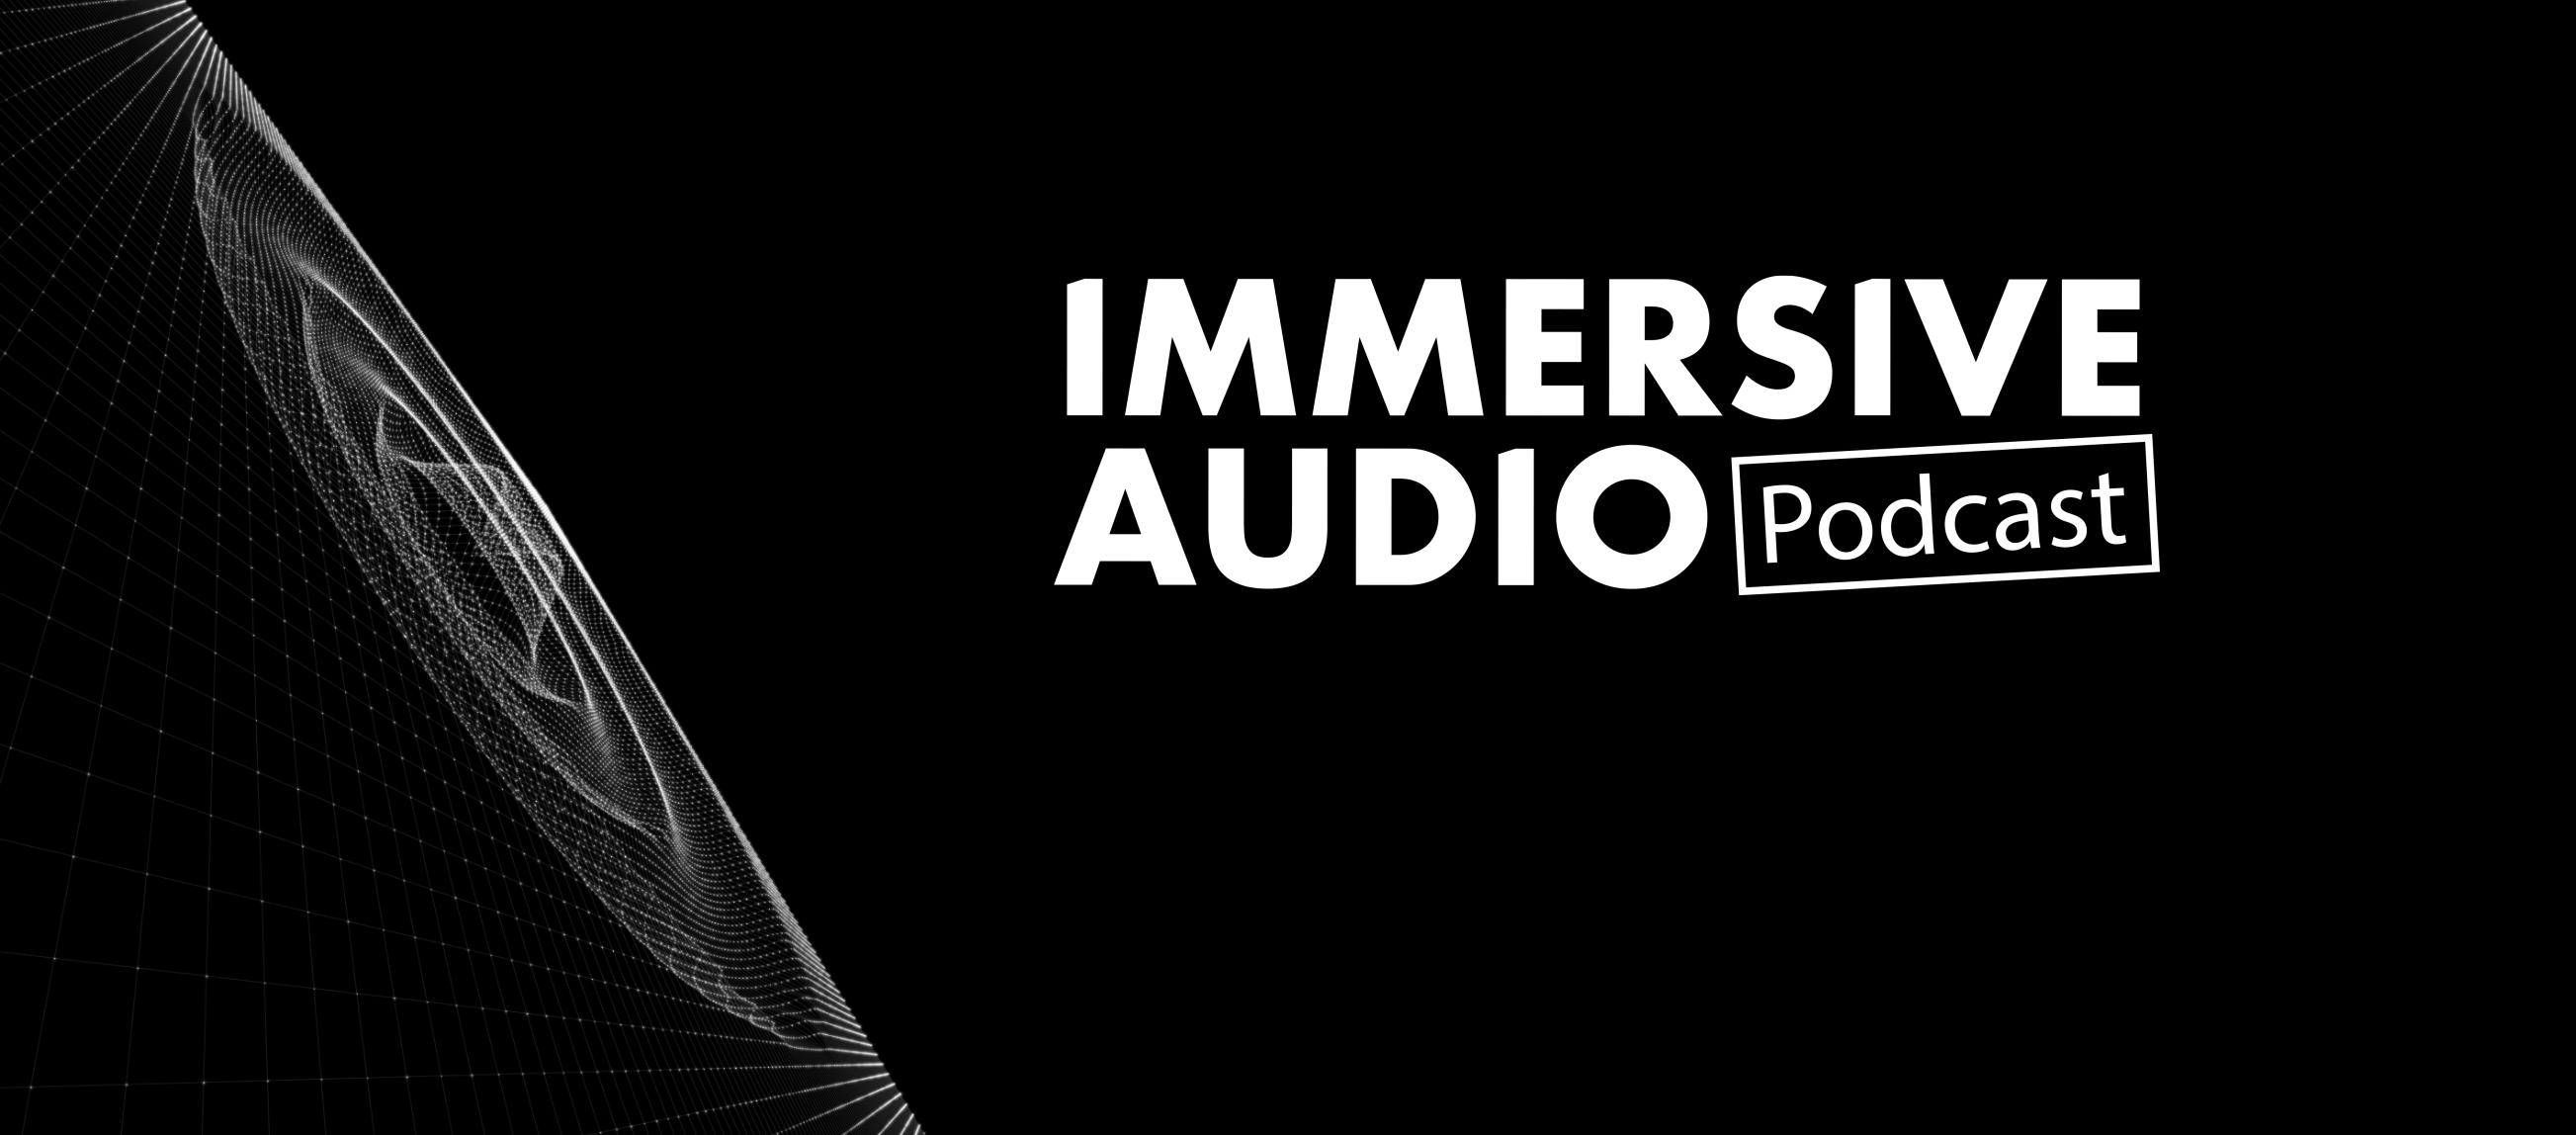 Immersive Audio Podcast Episode 53 – Ulli Scuda & Philipp Eibl (MPEG-H)